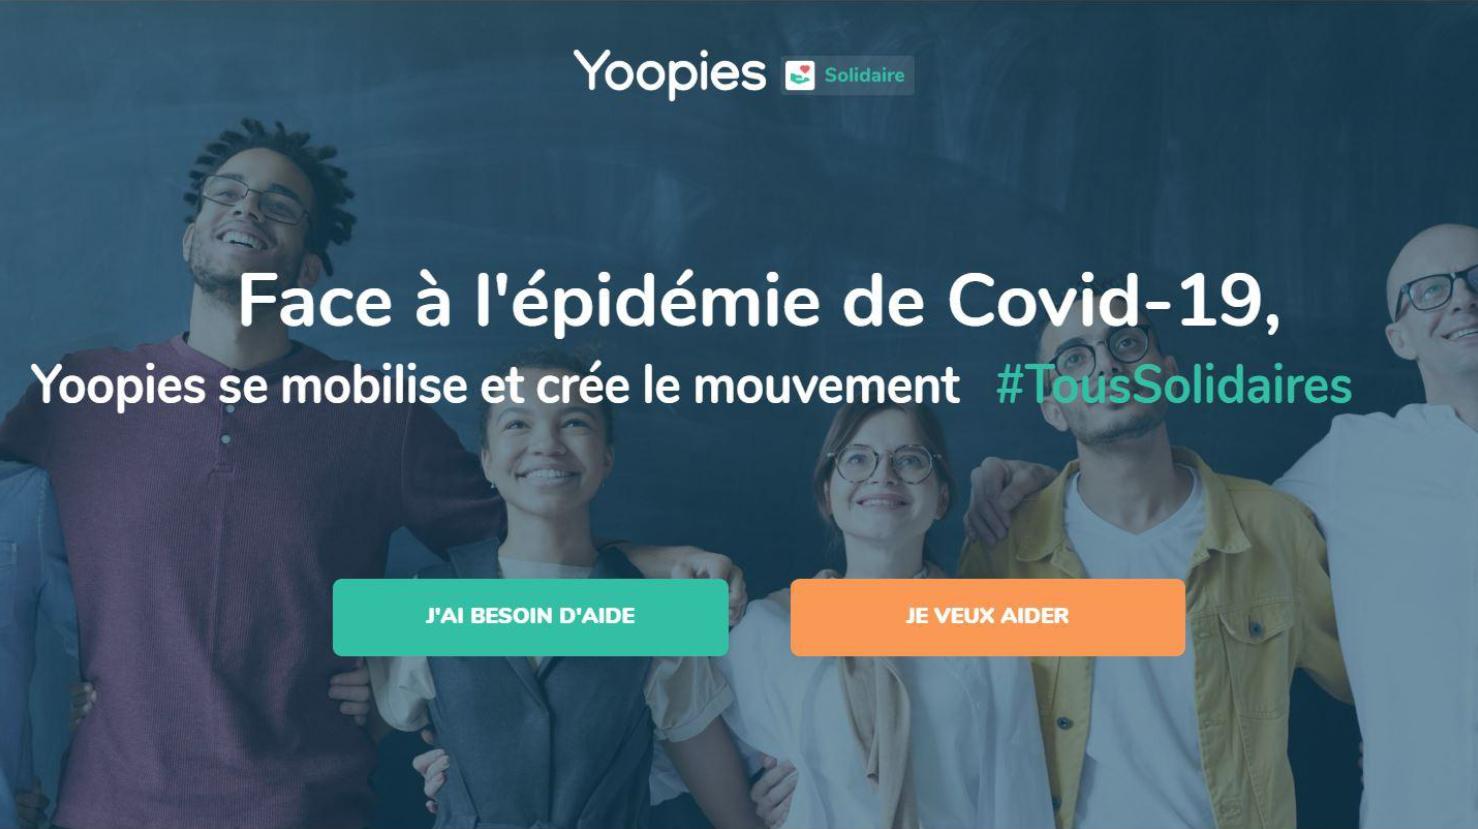 Yoopies fr